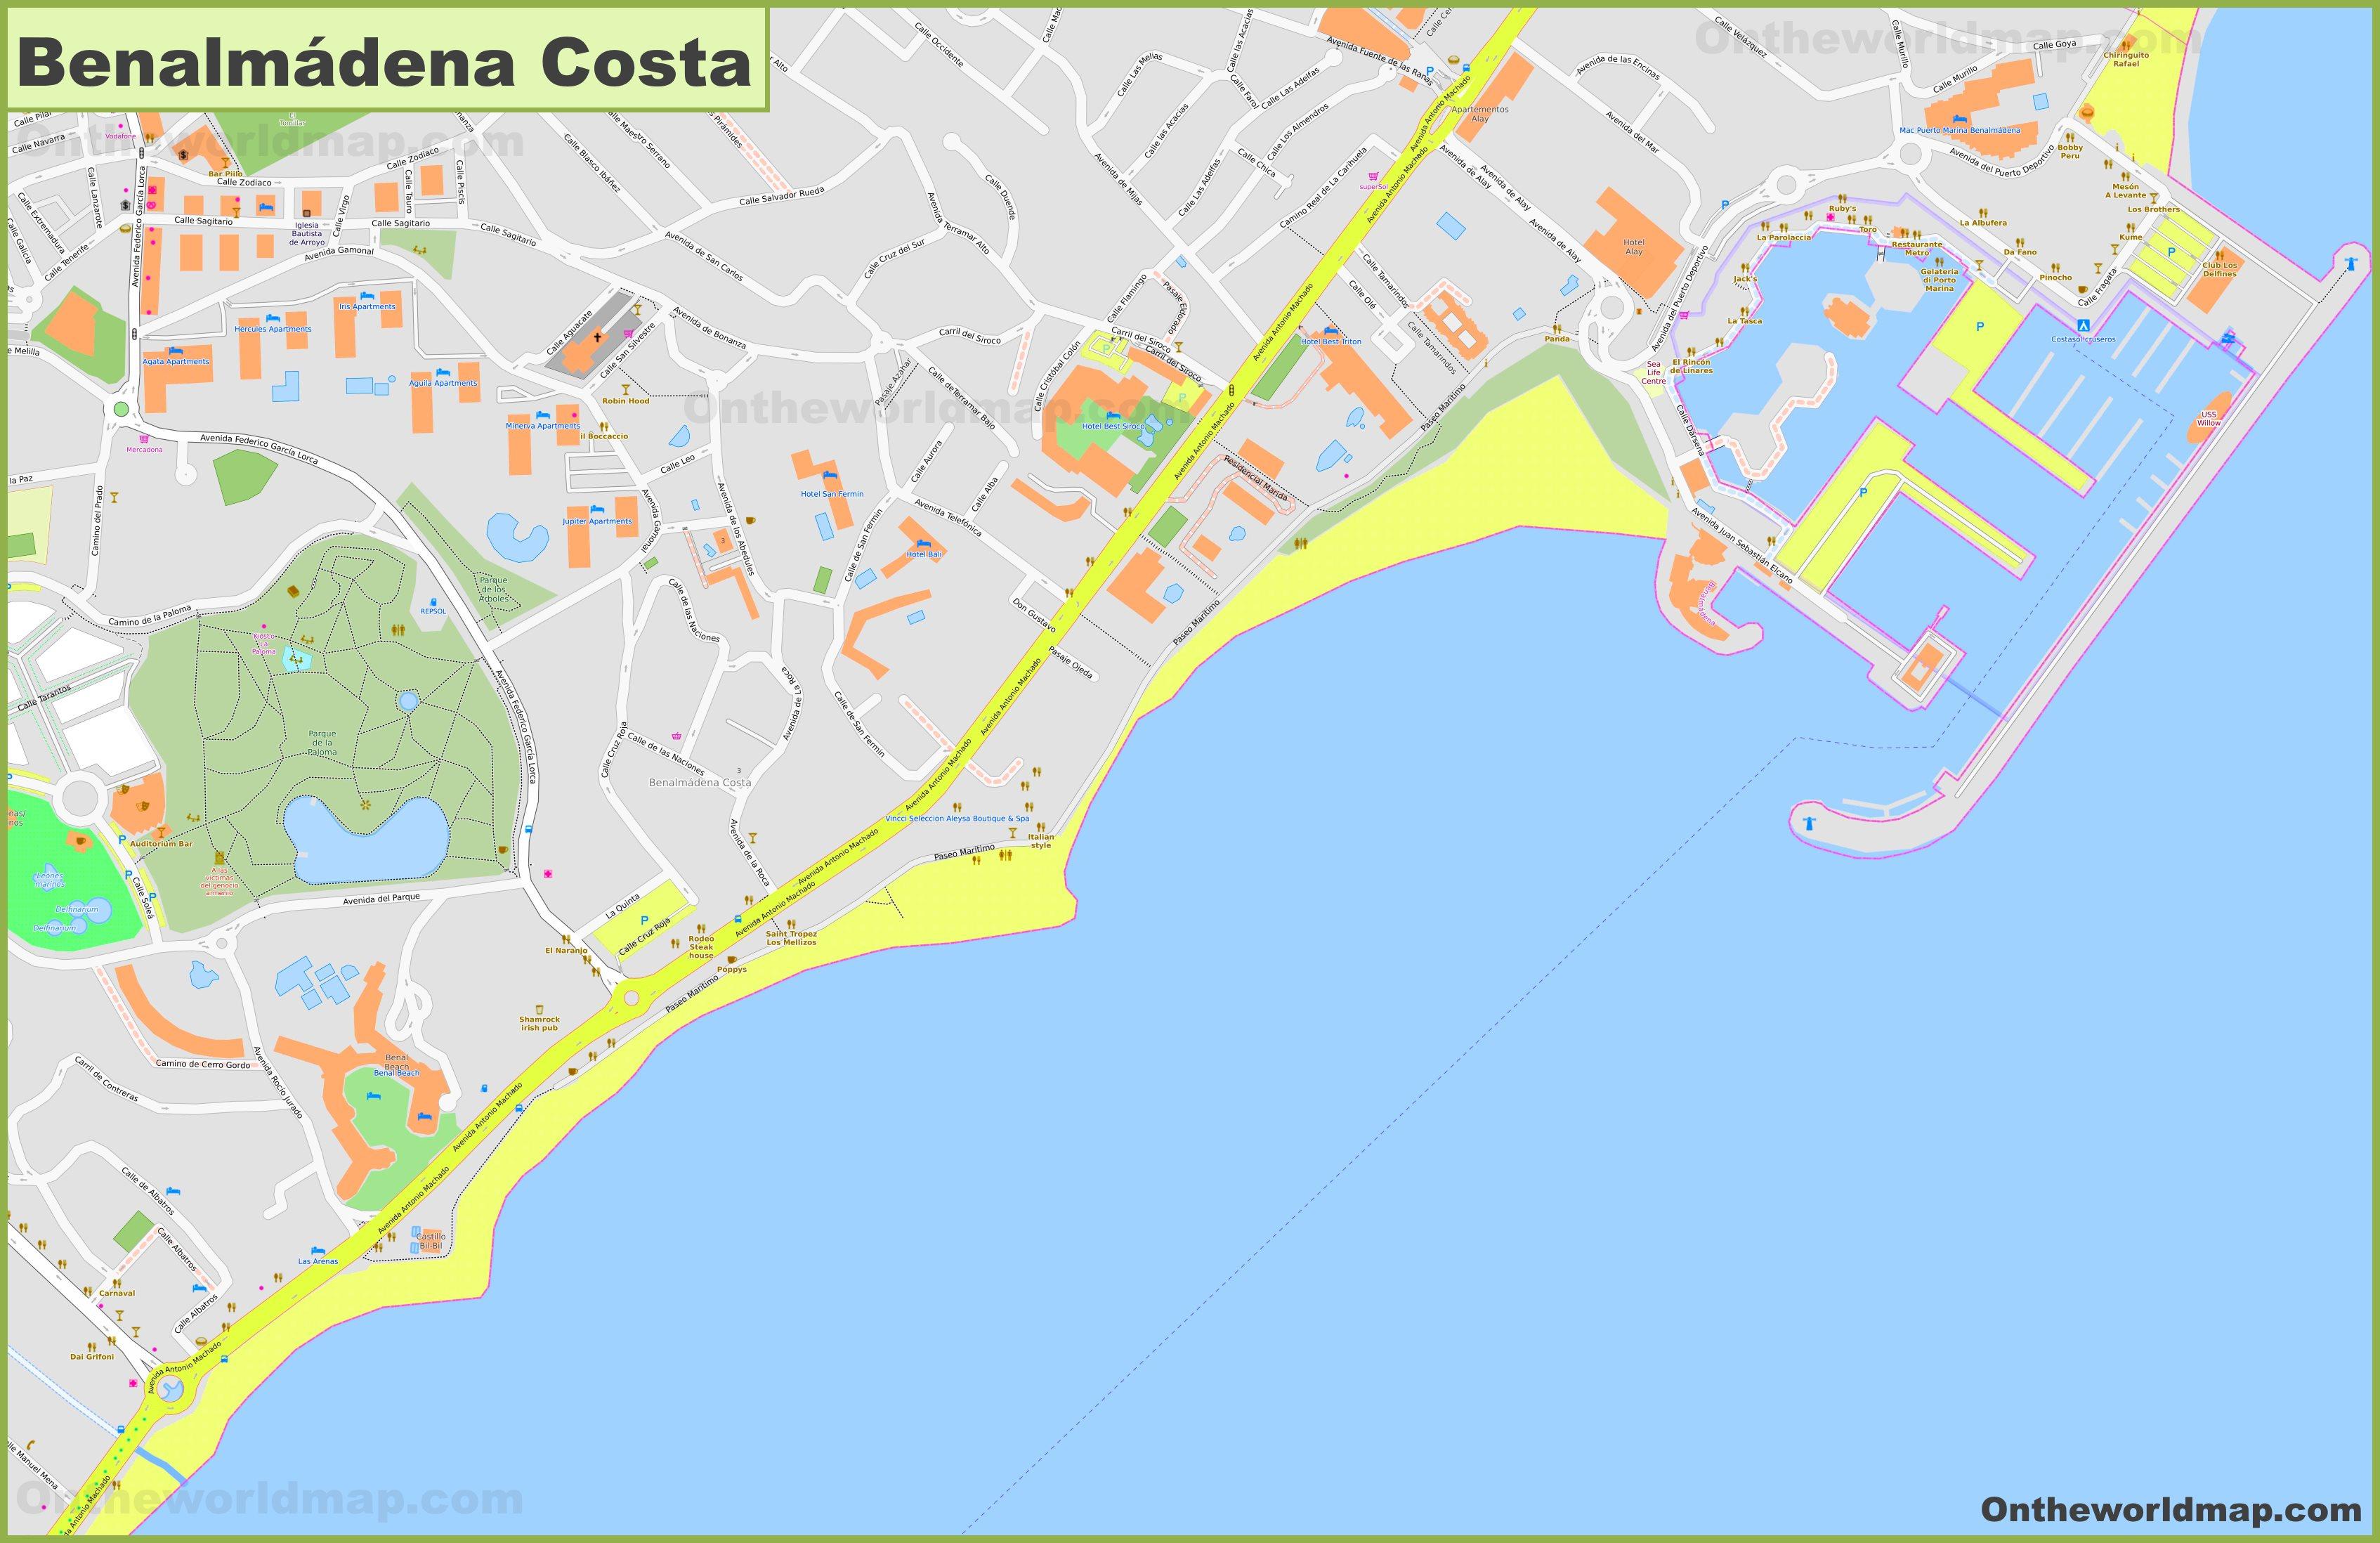 Benalmadena Costa Mapa